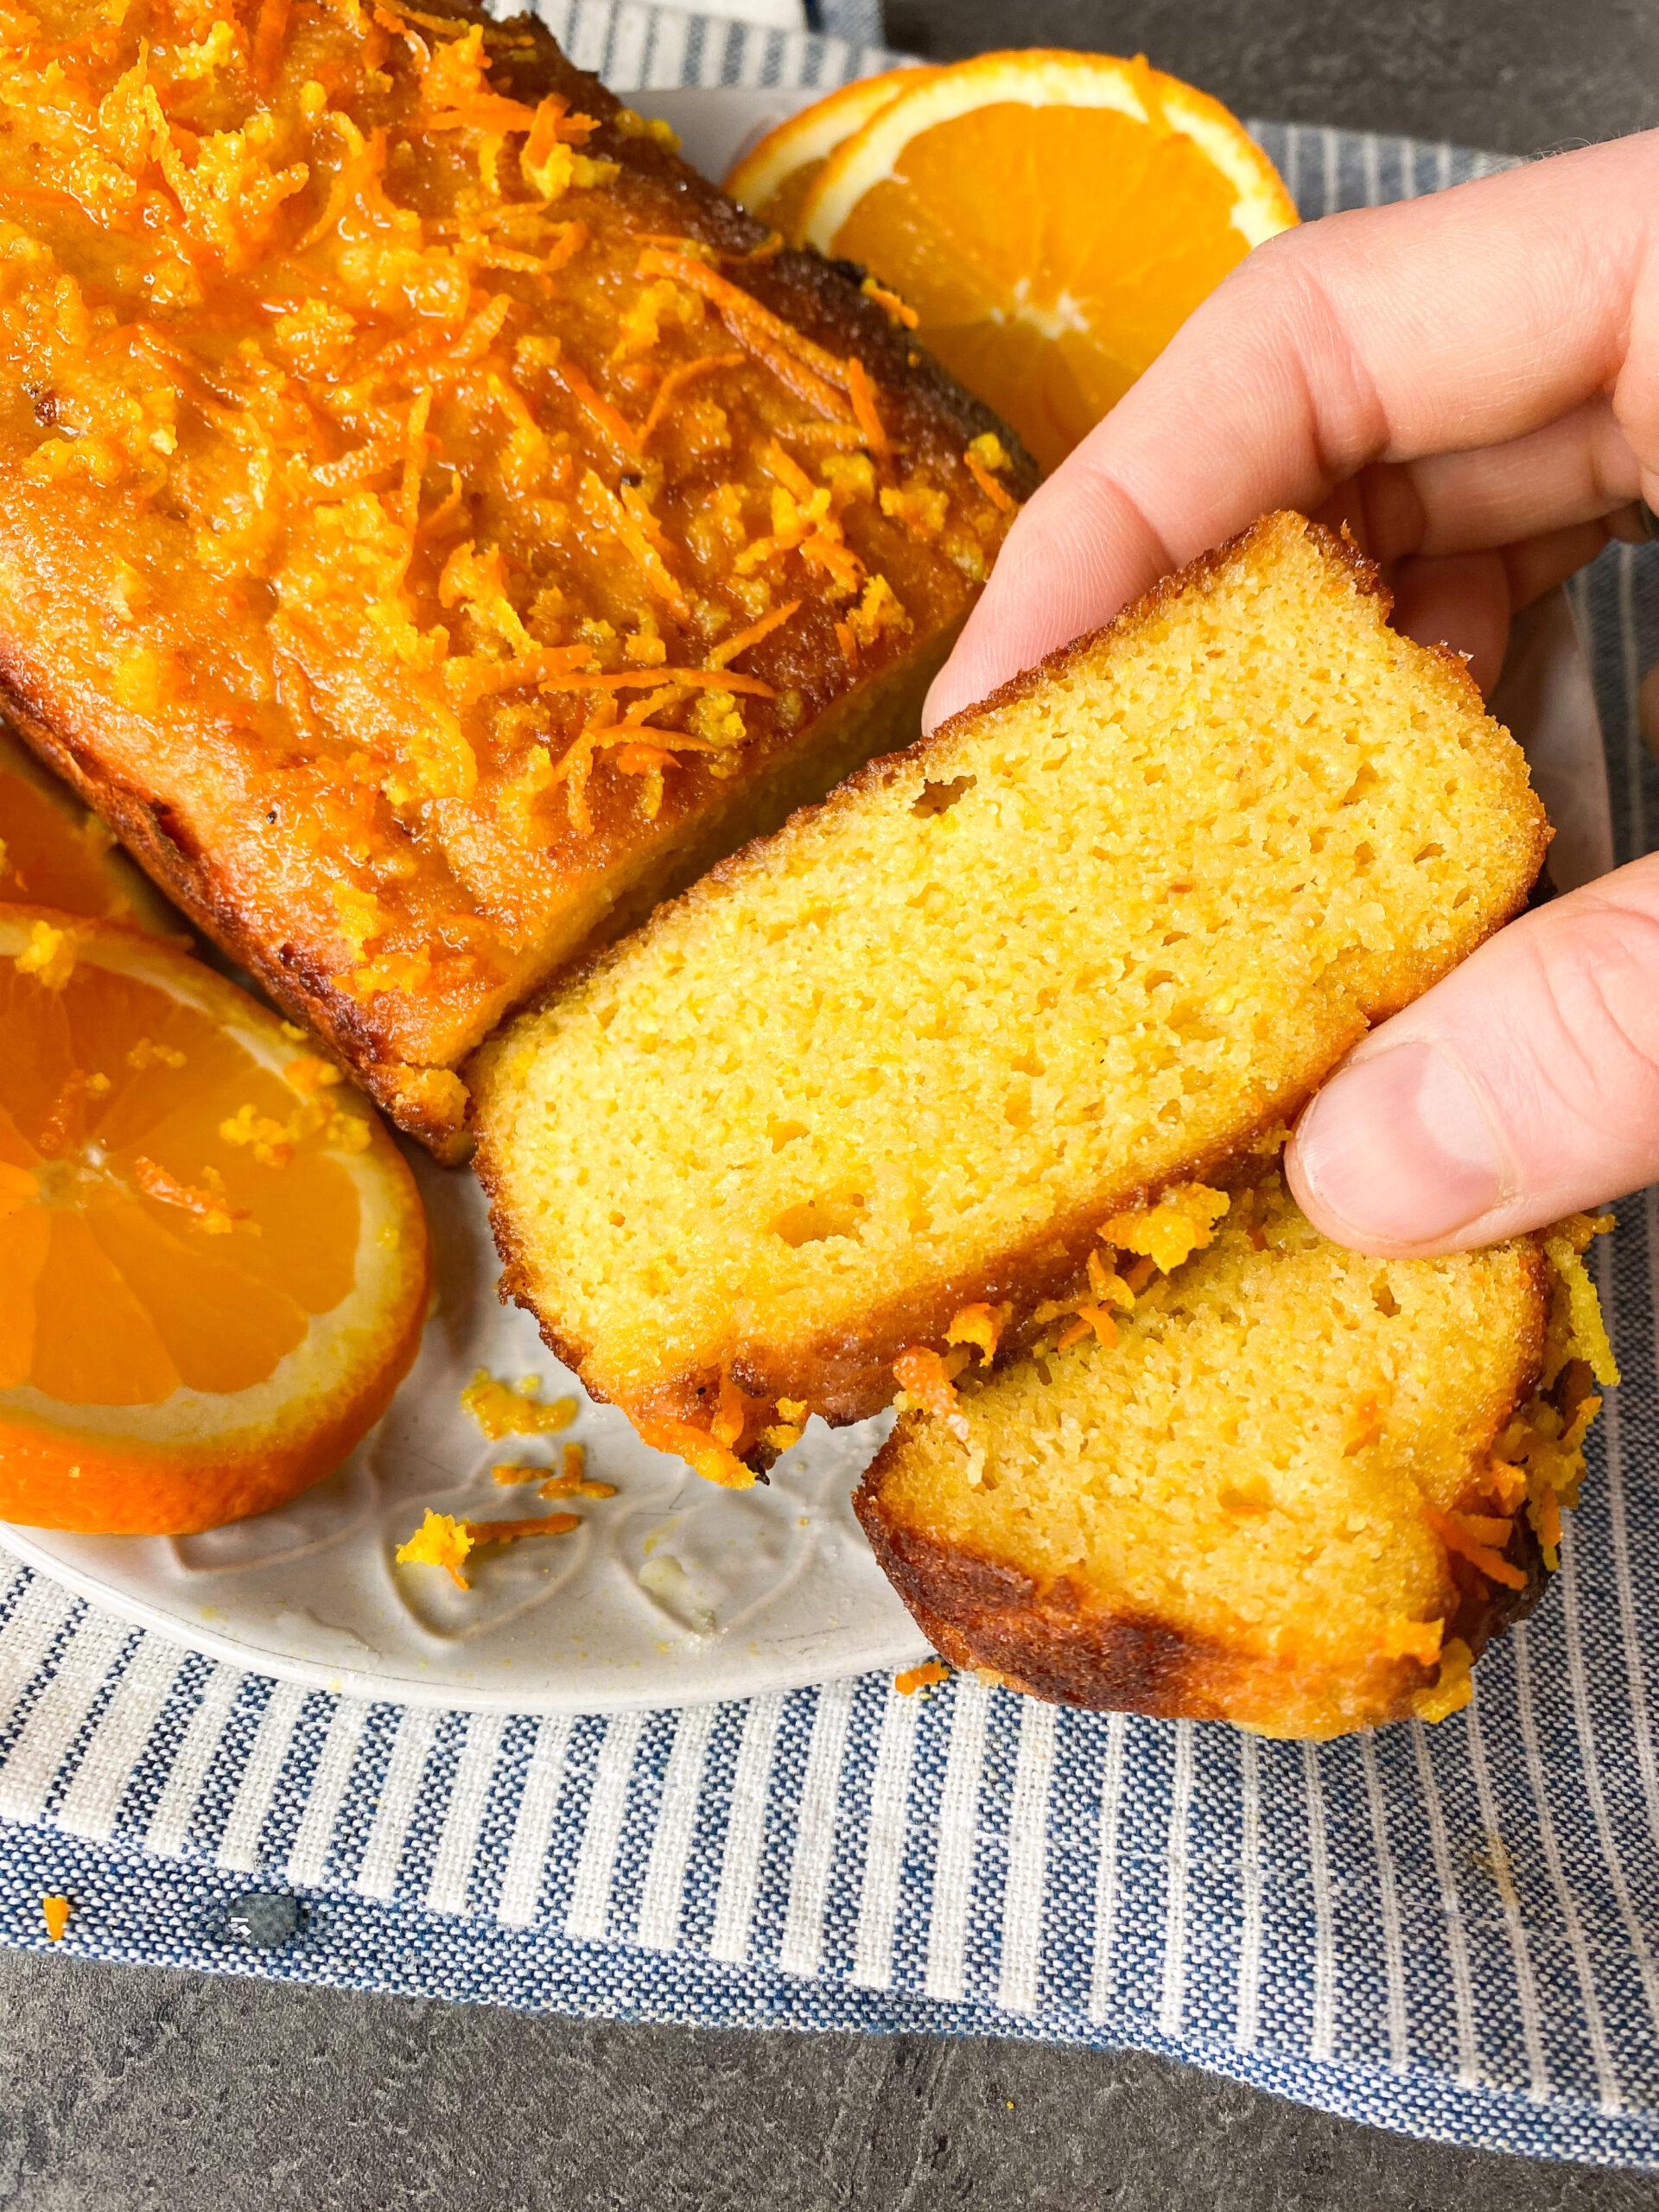 Picture of a slice of keto orange pound cake